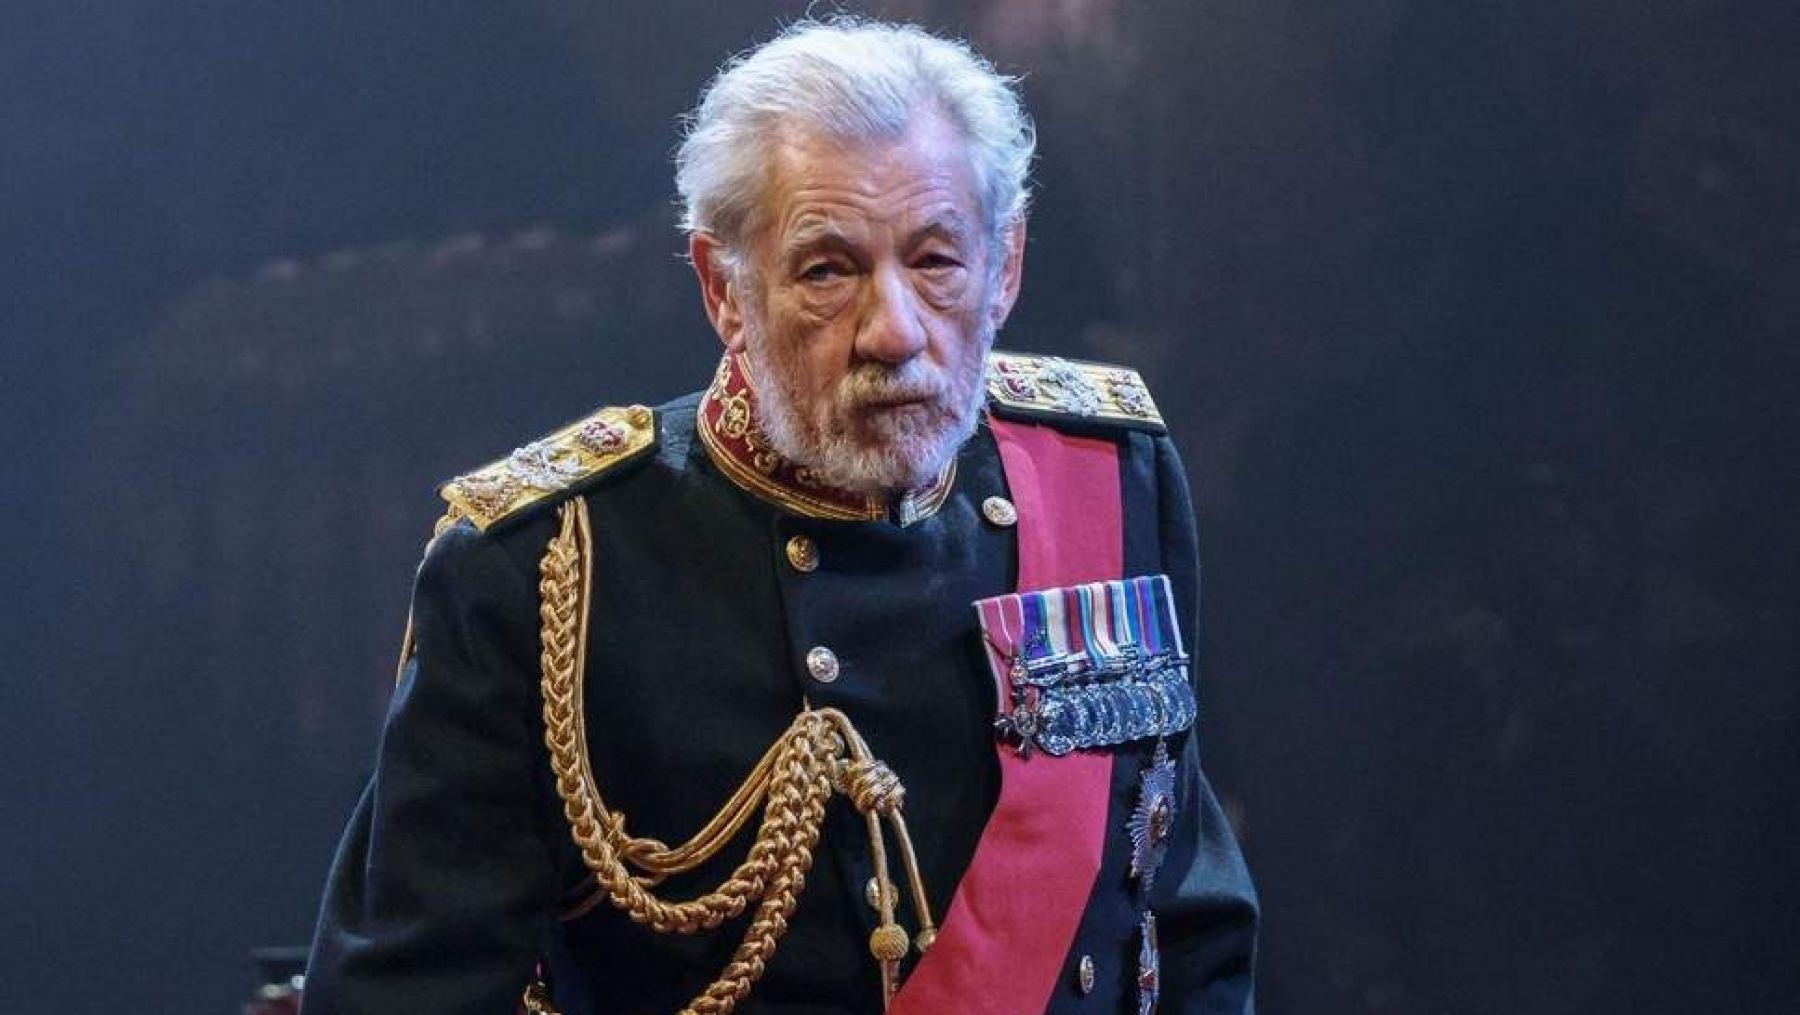 """Σάββατο: Ο """"Βασιλιάς Λήρ"""" με τον πολυβραβευμένο Ίαν ΜακΚέλεν στο Δημοτικό Θέατρο Λαμίας"""